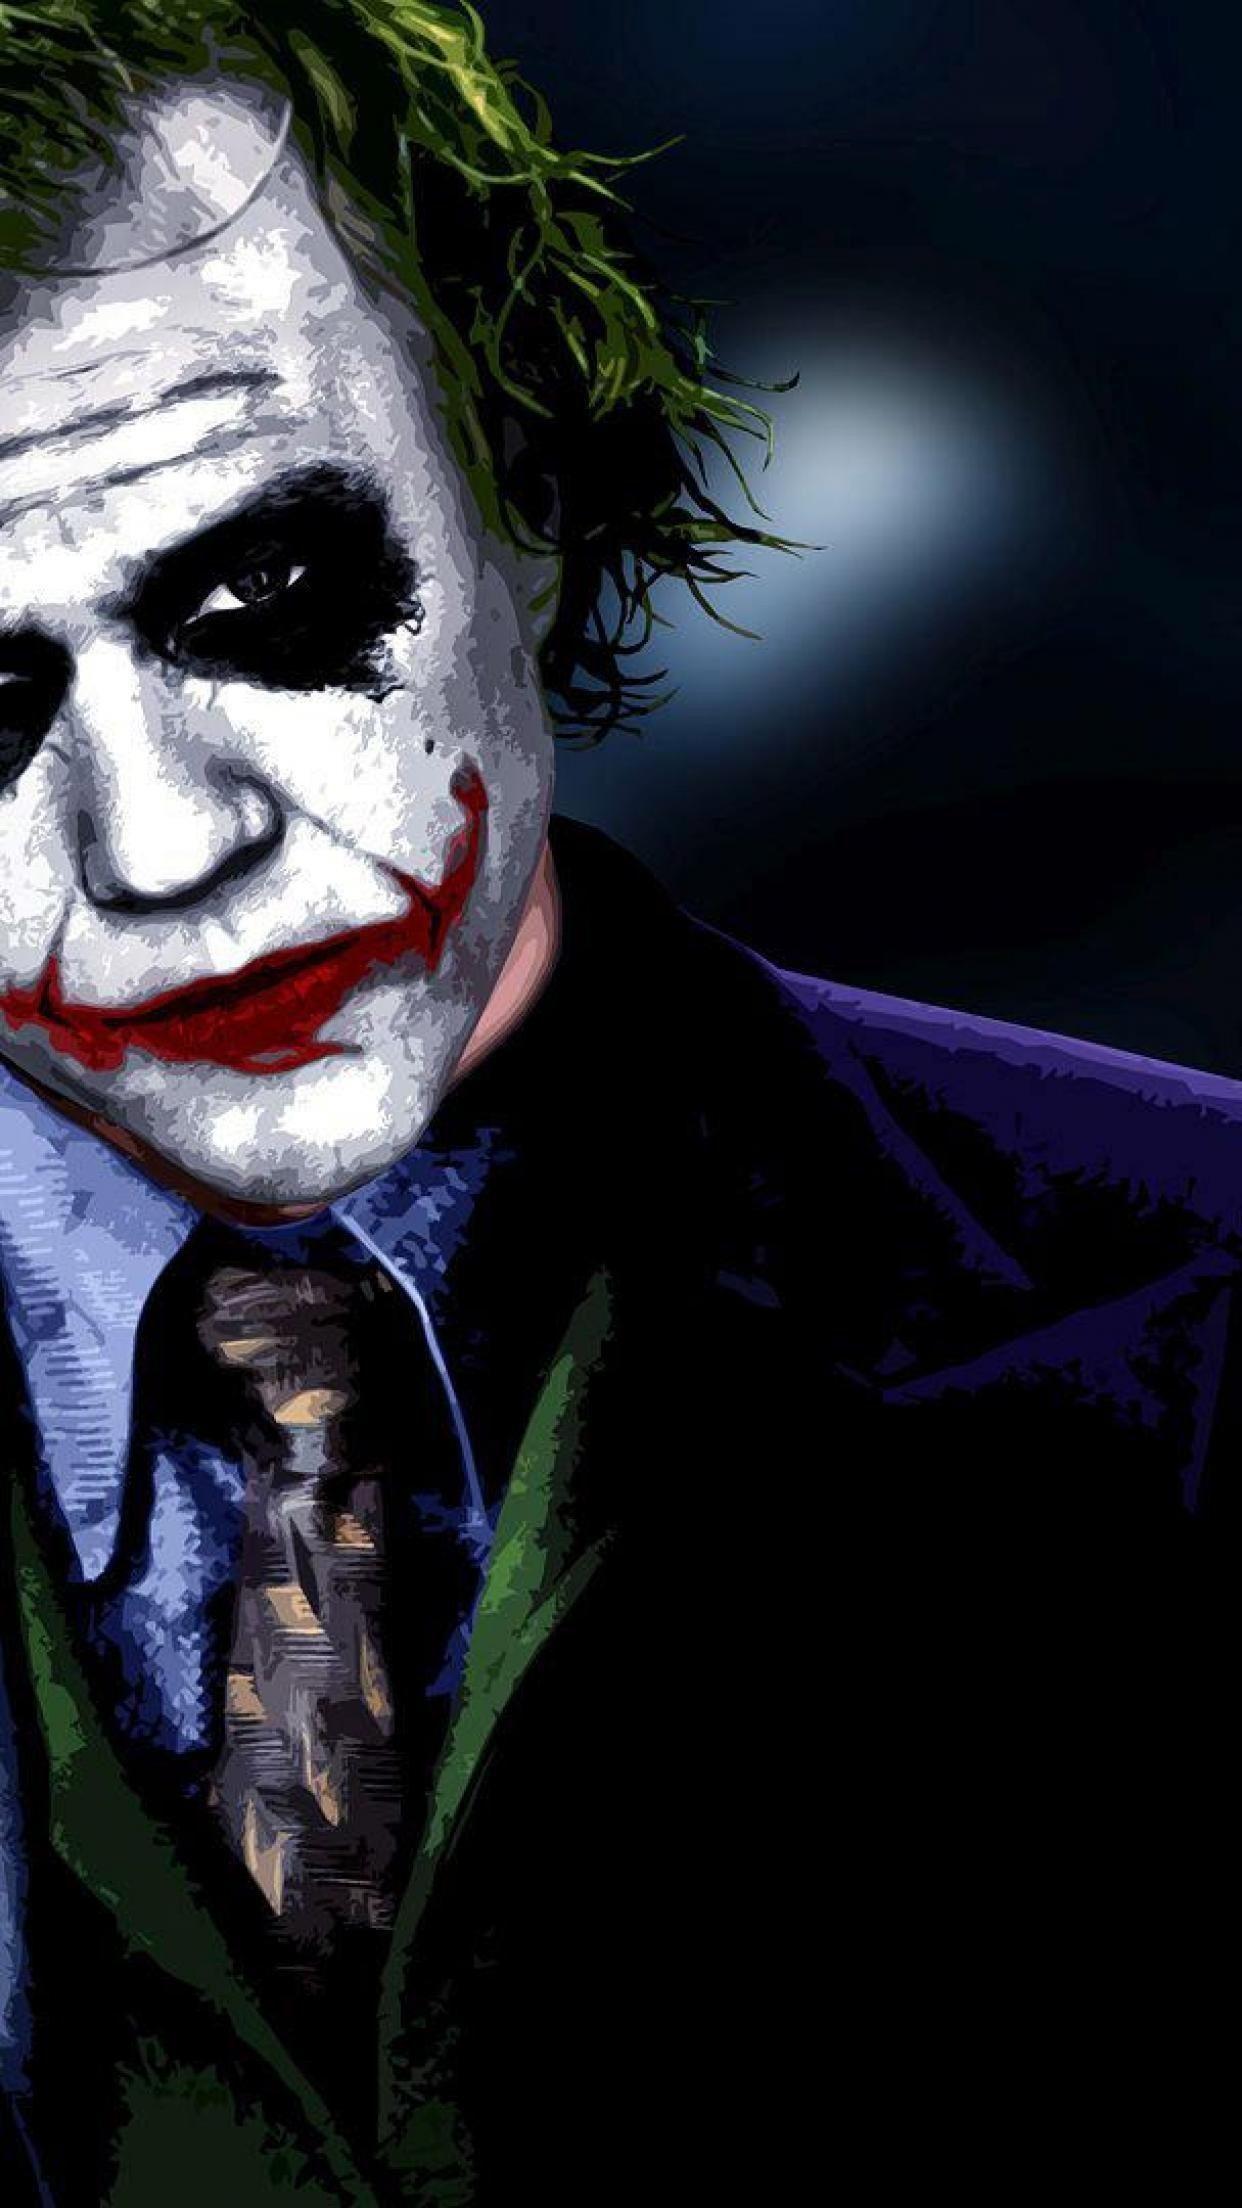 Hd 3d Wallpaper Joker Hd Pic Joker Wallpapers Joker Artwork Joker Iphone Wallpaper